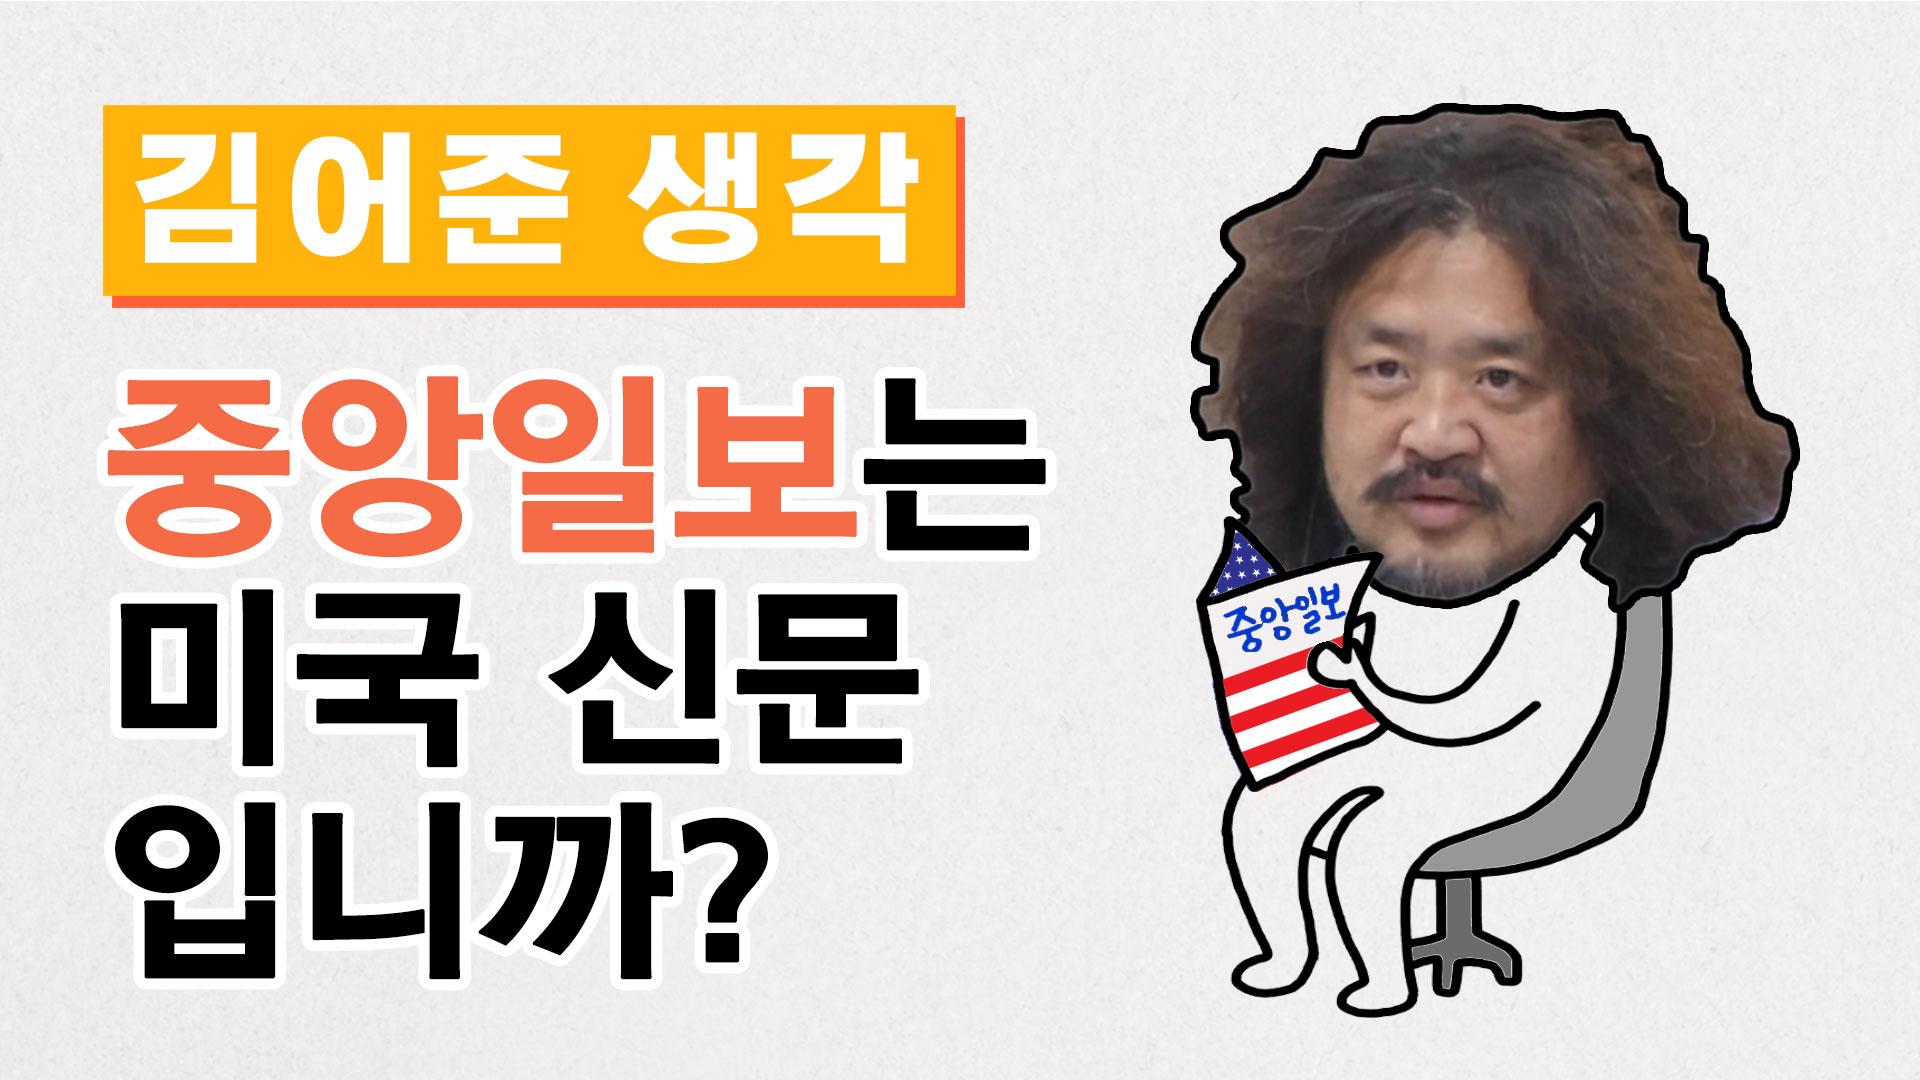 [김어준의 뉴스공장 / 김어준 생각] 조선일보는 미국 신문 입니까?